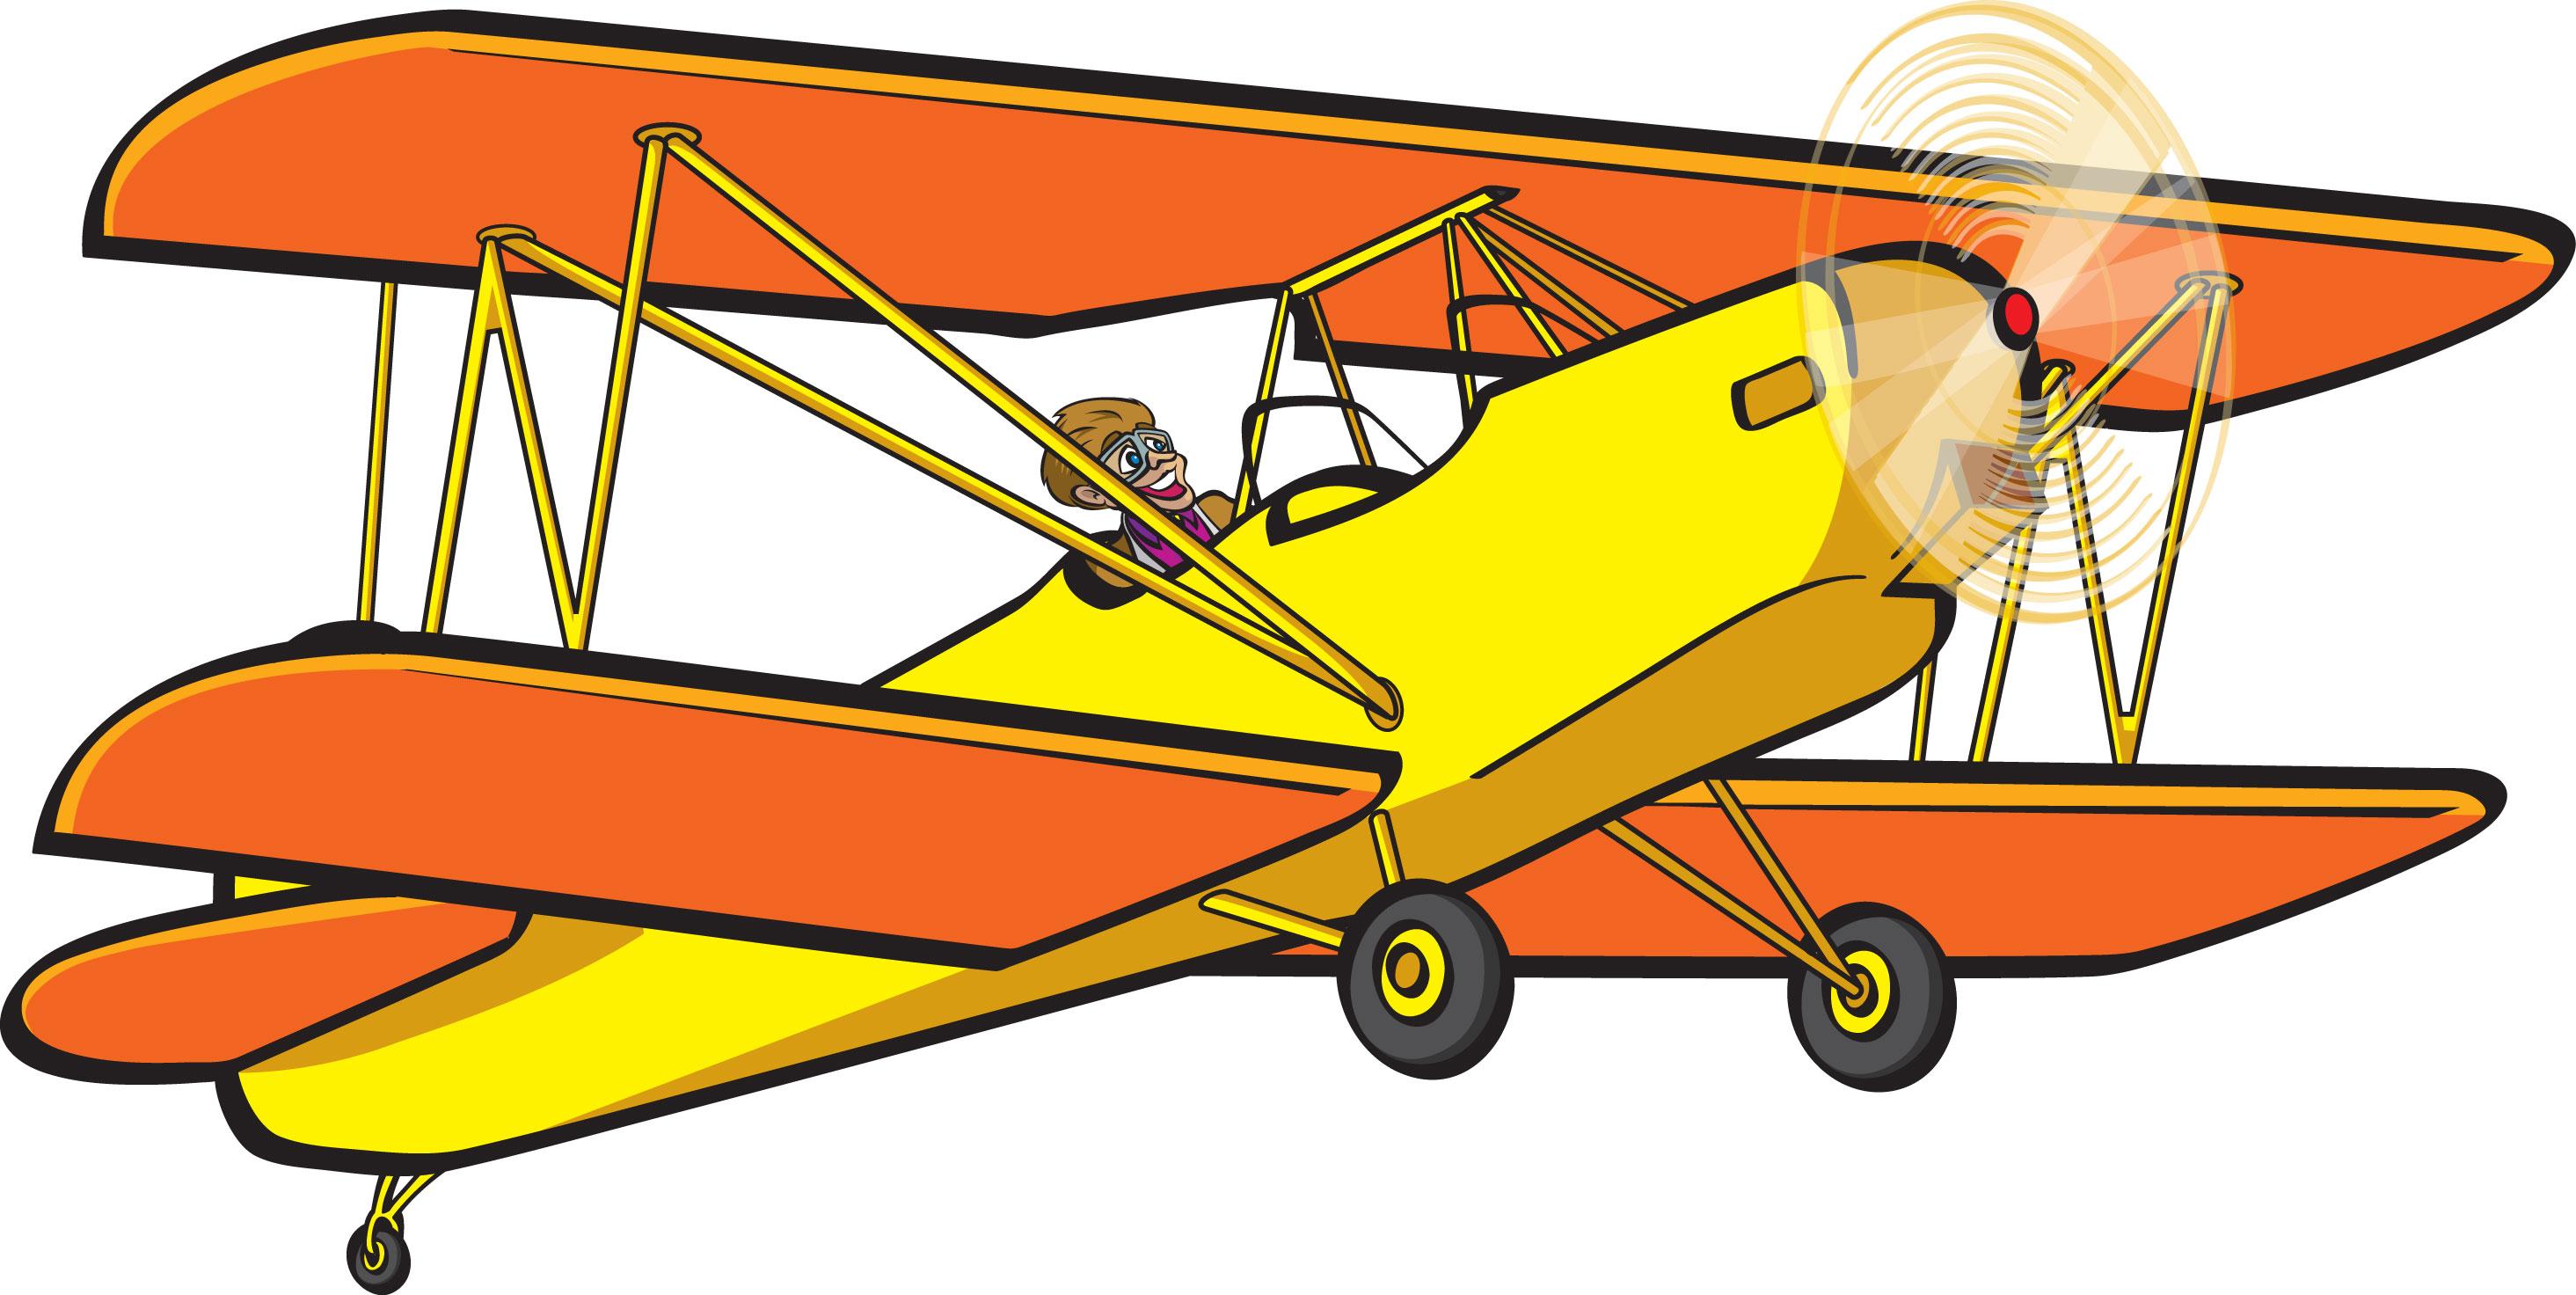 biplane clip art clipart best airplane clip art free airplane clipart cartoon